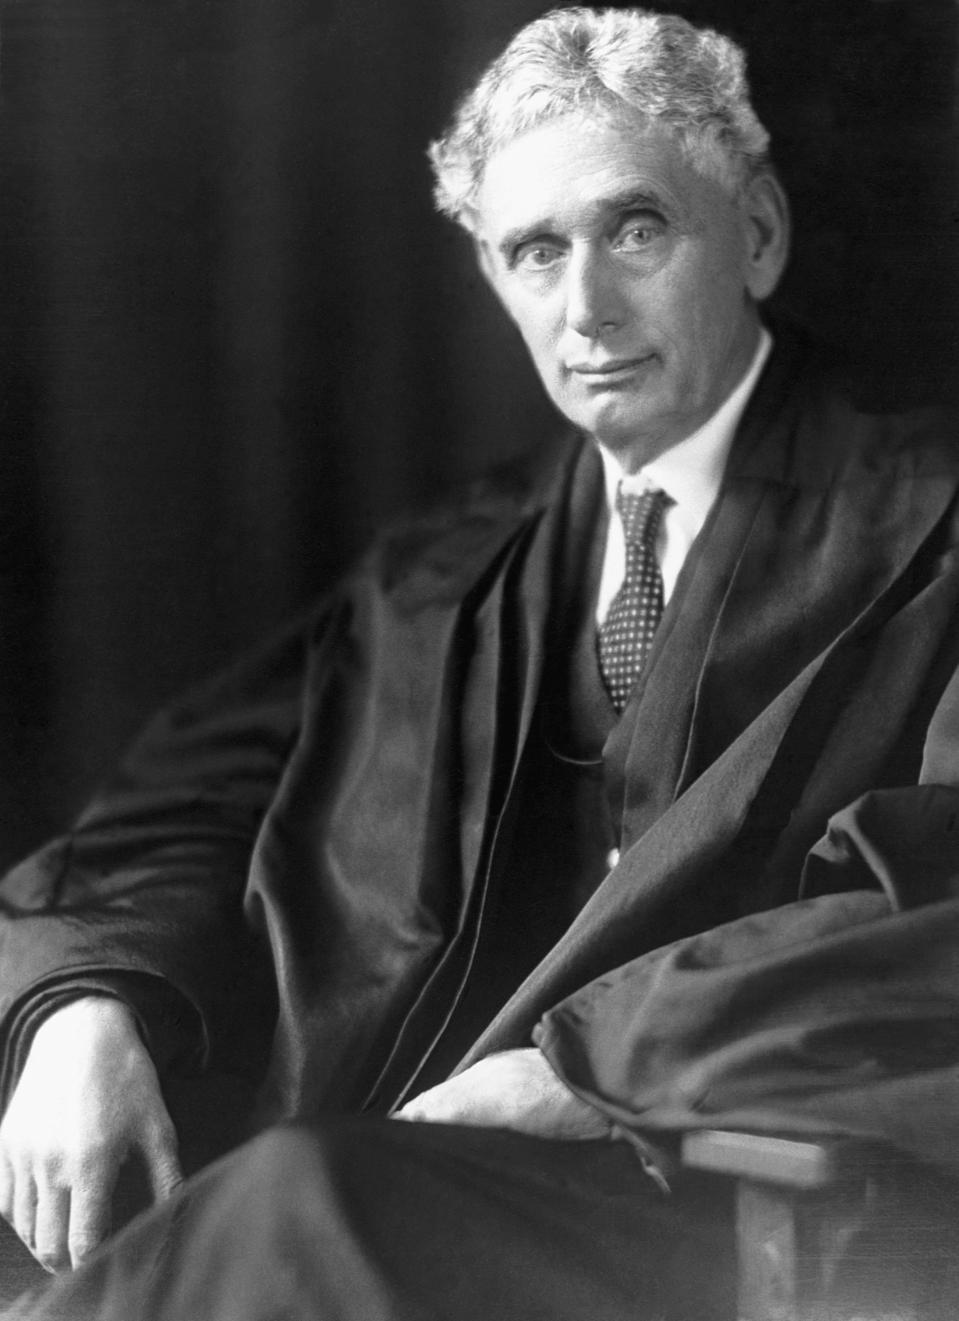 Supreme Court Justice Louis D. Brandeis